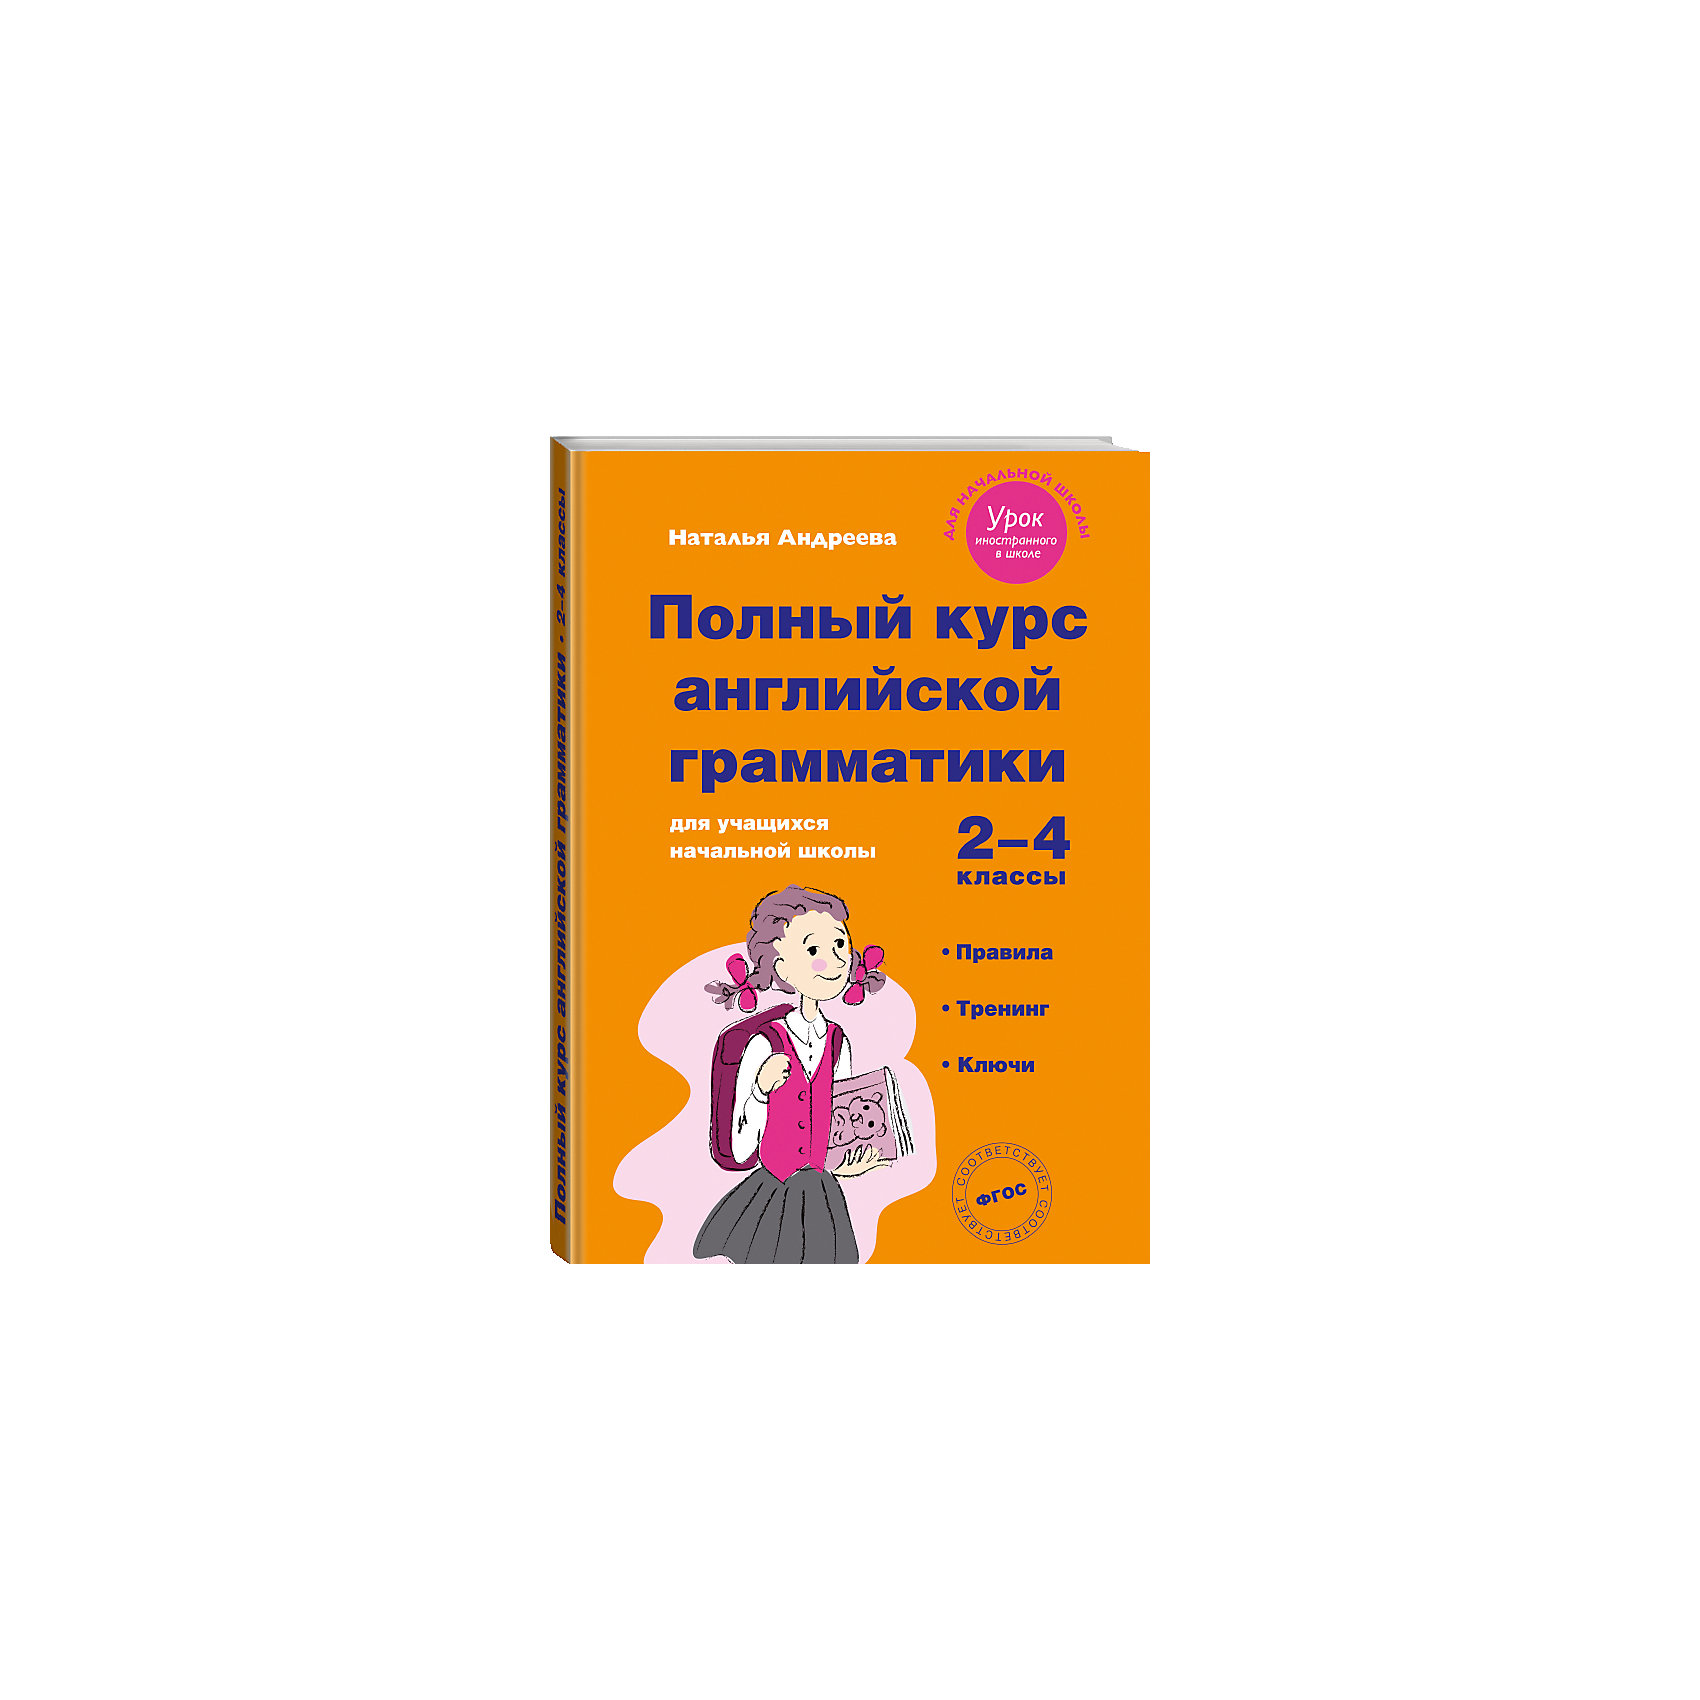 Полный курс английской грамматики для учащихся начальной школы, 2-4 классыИностранный язык<br>Цель данного учебного пособия – помочь младшим школьникам освоить те темы английской грамматики, которые изучаются во 2–4 классах в рамках школьной программы в общеобразовательных учреждениях любого типа. Оно используется для тренировки и активизации грамматического материала вне зависимости от базового учебника, по которому ведется обучение в школе. Соответствие школьной программе, простота, наглядность и доступность изложения материала, большое количество и разнообразие упражнений для практики, наличие заданий разной степени сложности, соответствие возрастным особенностям и возможностям учащихся делают пособие незаменимым при изучении английского языка в начальной школе.<br>Пособие предназначено для младших школьников, изучающих английский язык в школе или дома с родителями или с преподавателем. Оно является универсальным и может быть использовано в рамках любого школьного учебного курса.<br><br>Ширина мм: 280<br>Глубина мм: 210<br>Высота мм: 20<br>Вес г: 590<br>Возраст от месяцев: 72<br>Возраст до месяцев: 120<br>Пол: Унисекс<br>Возраст: Детский<br>SKU: 6878083